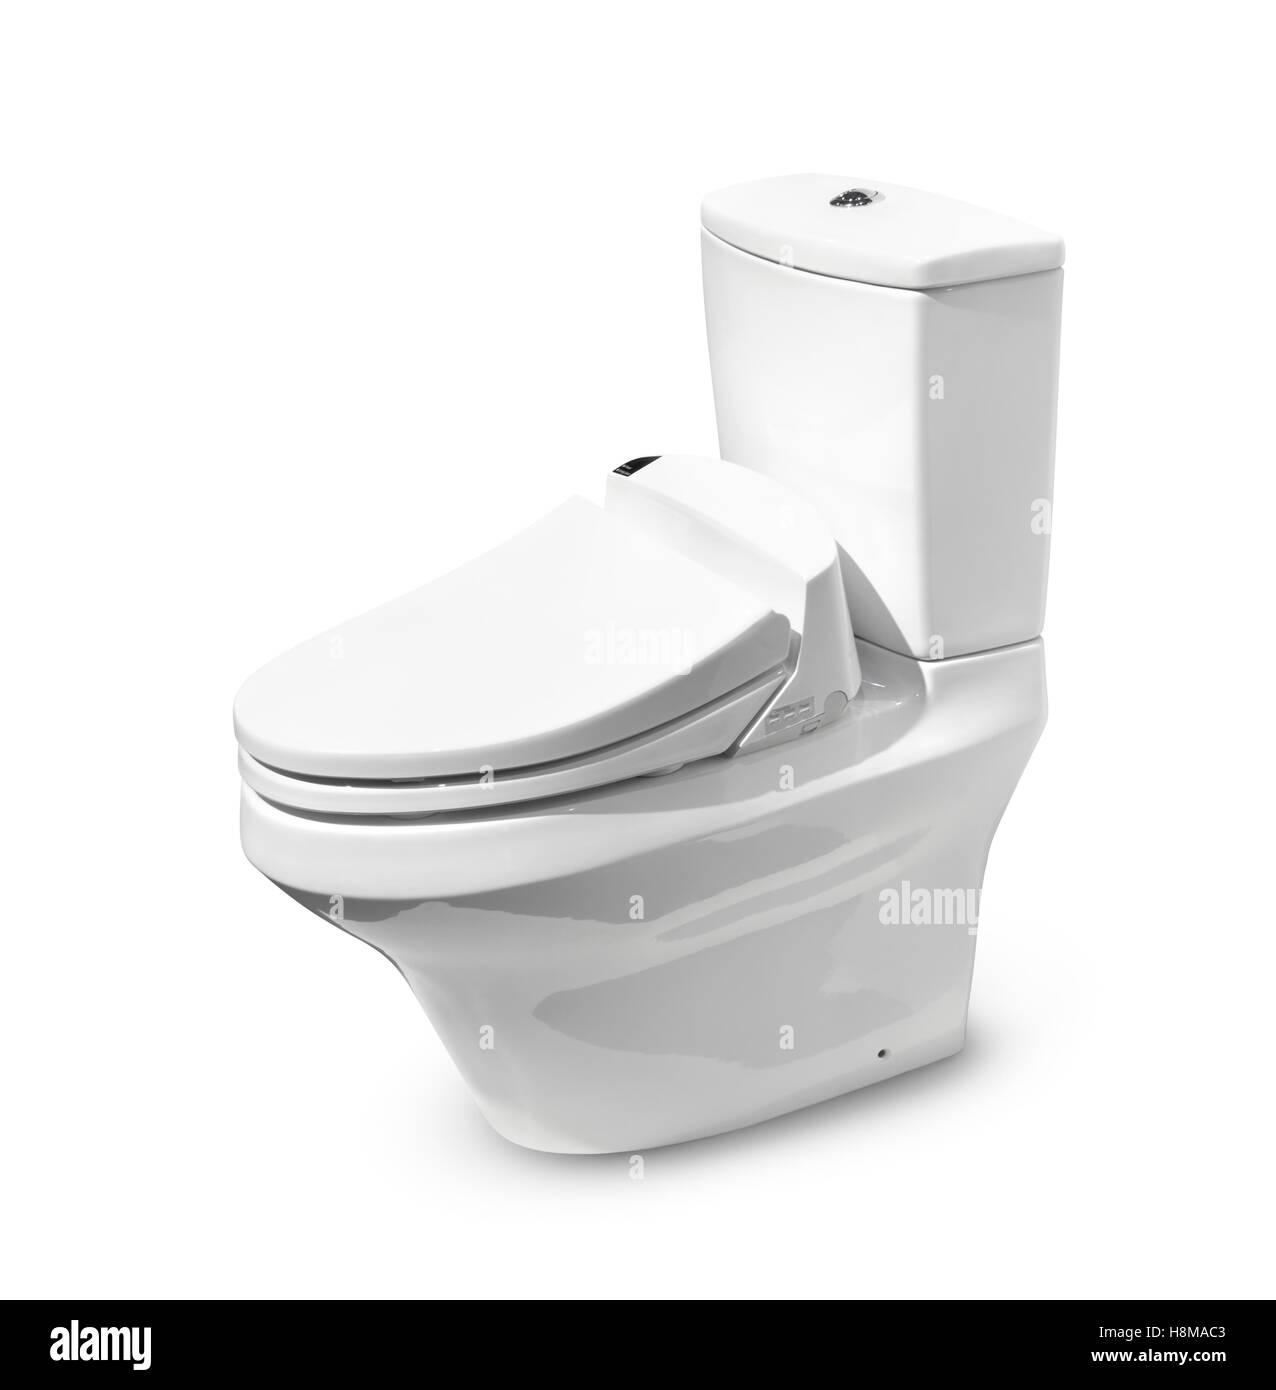 Toto toilettes high-tech avec Washlet seat Photo Stock